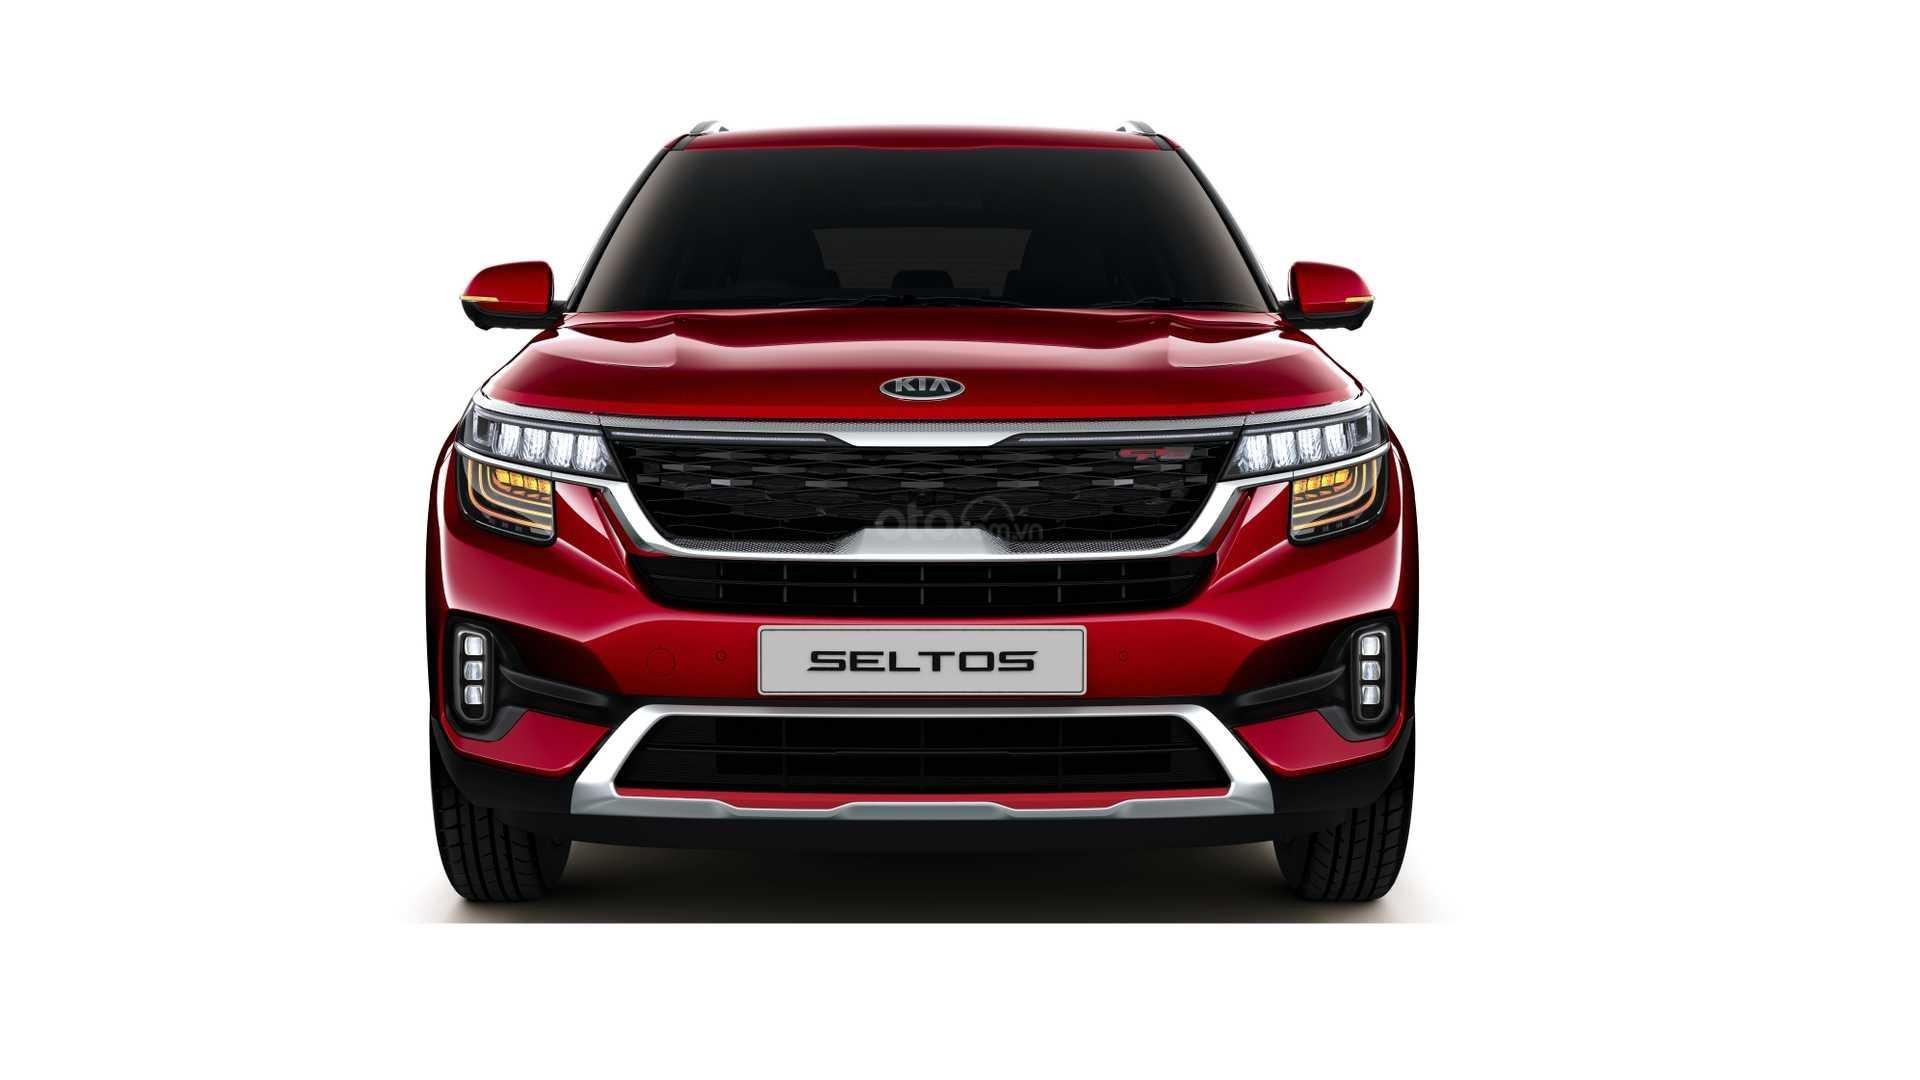 Đầu xe Kia Seltos 2019.